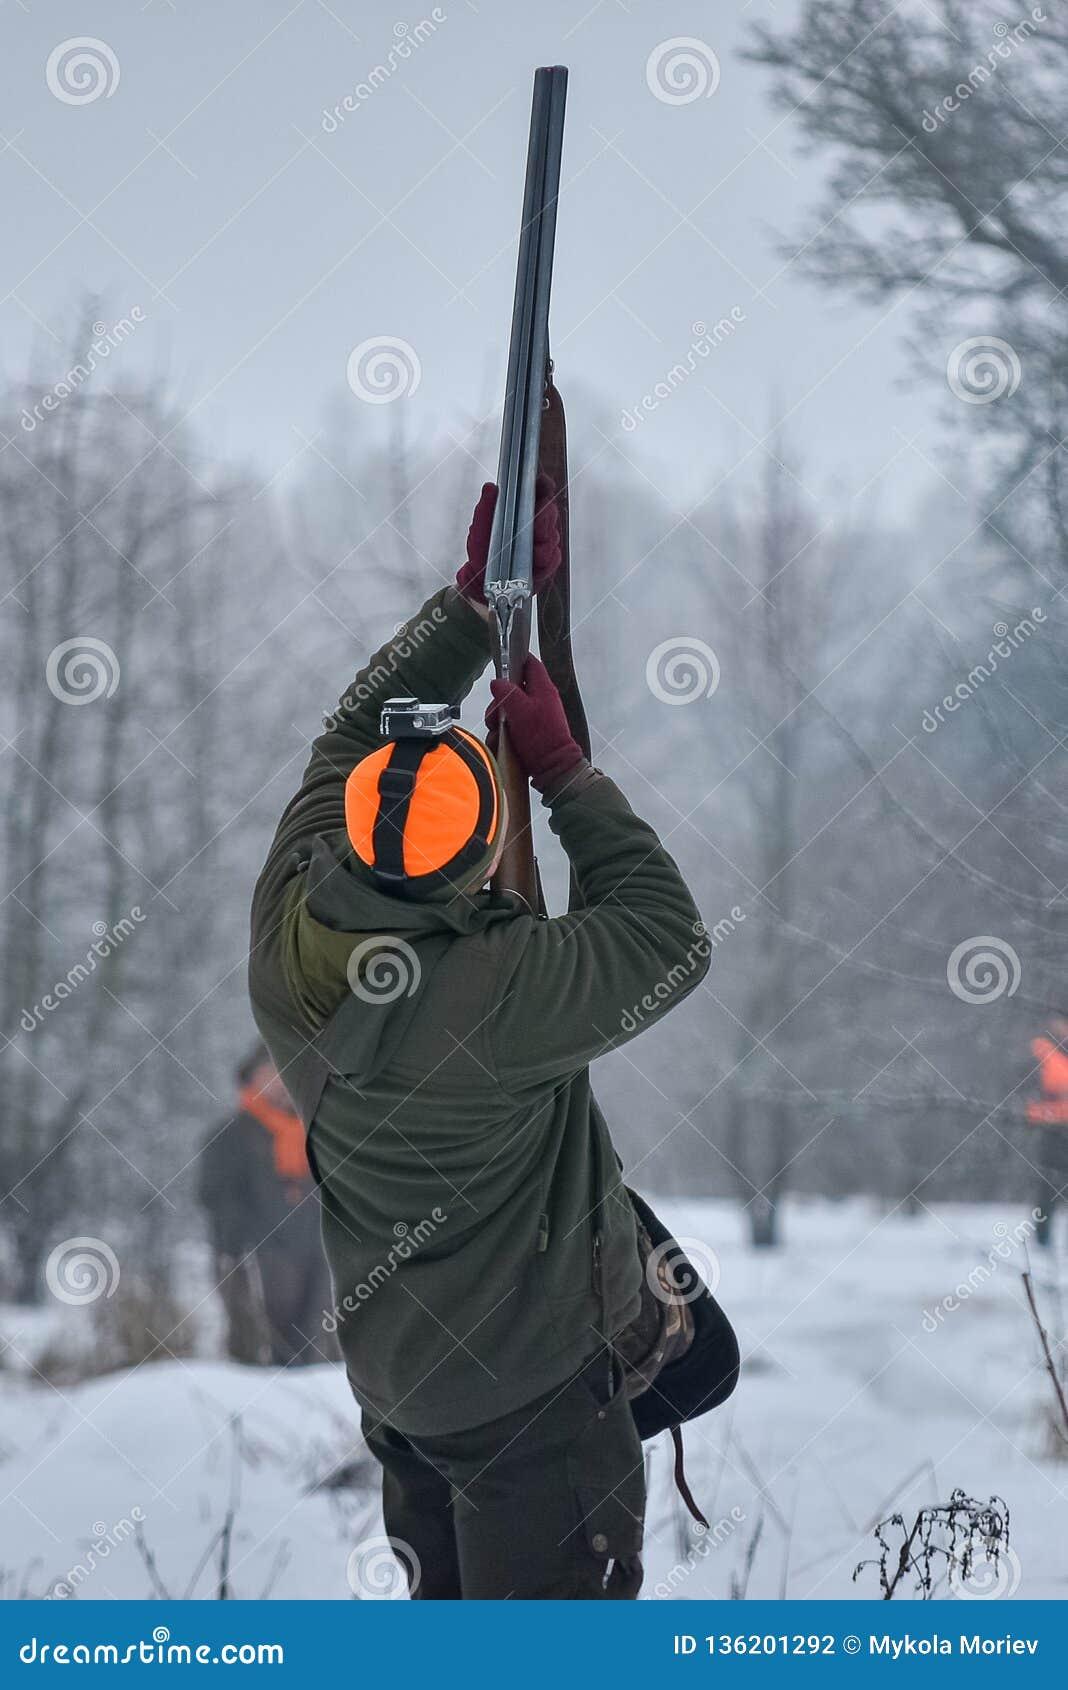 Jachtseizoen, vogel de jacht De jager schiet op de vogels die boven hem vliegen